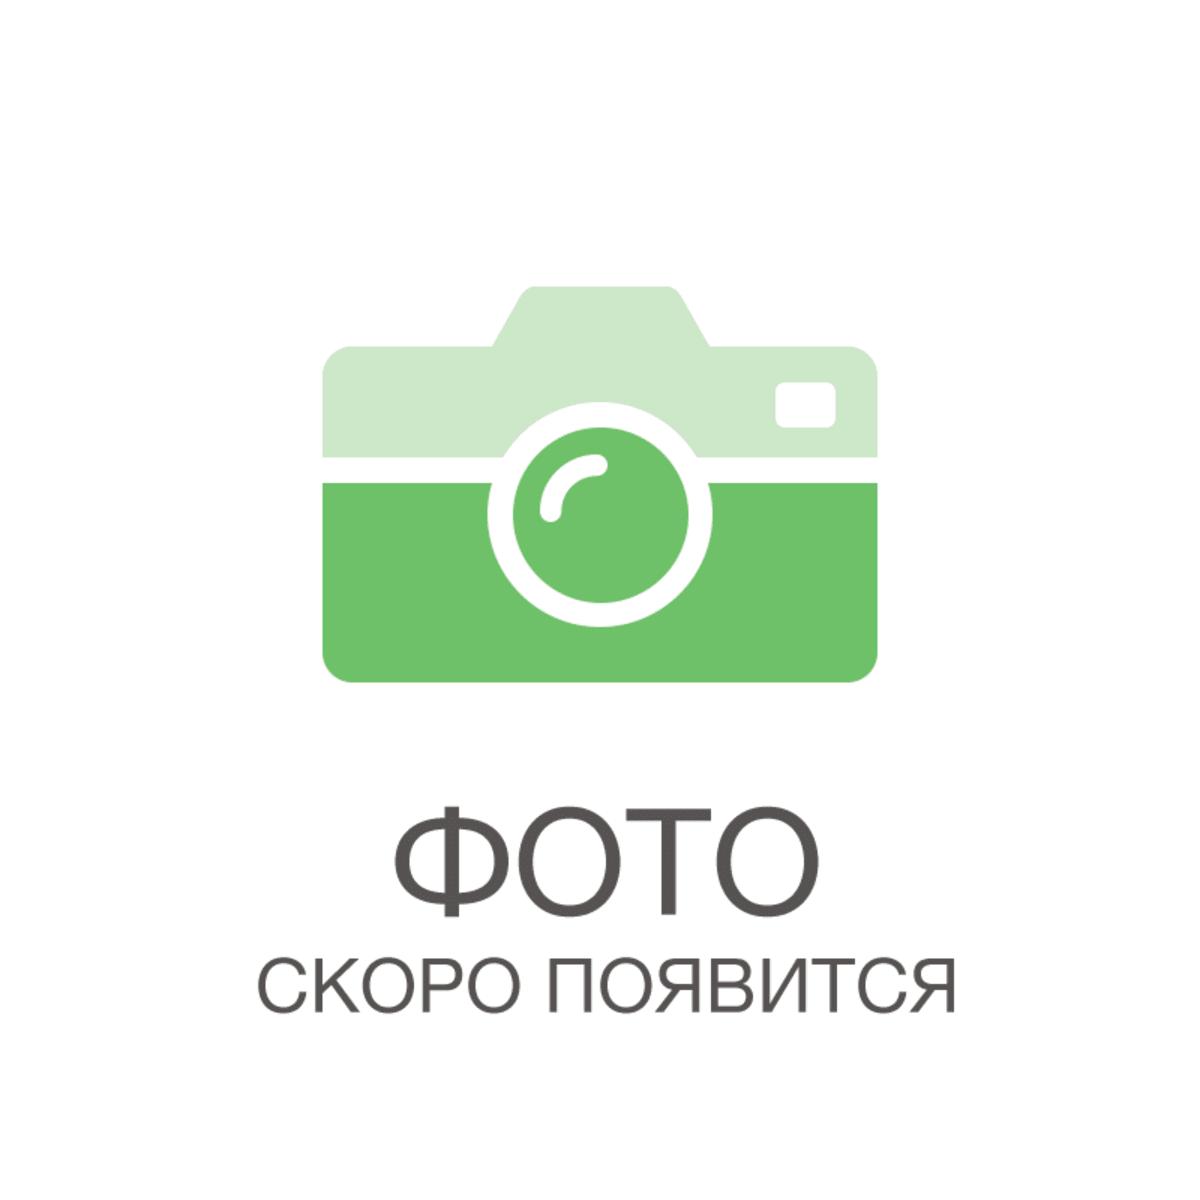 Дверь для выдвижного ящика Delinia ID «Реш» 60x12.8 см, МДФ, цвет белый